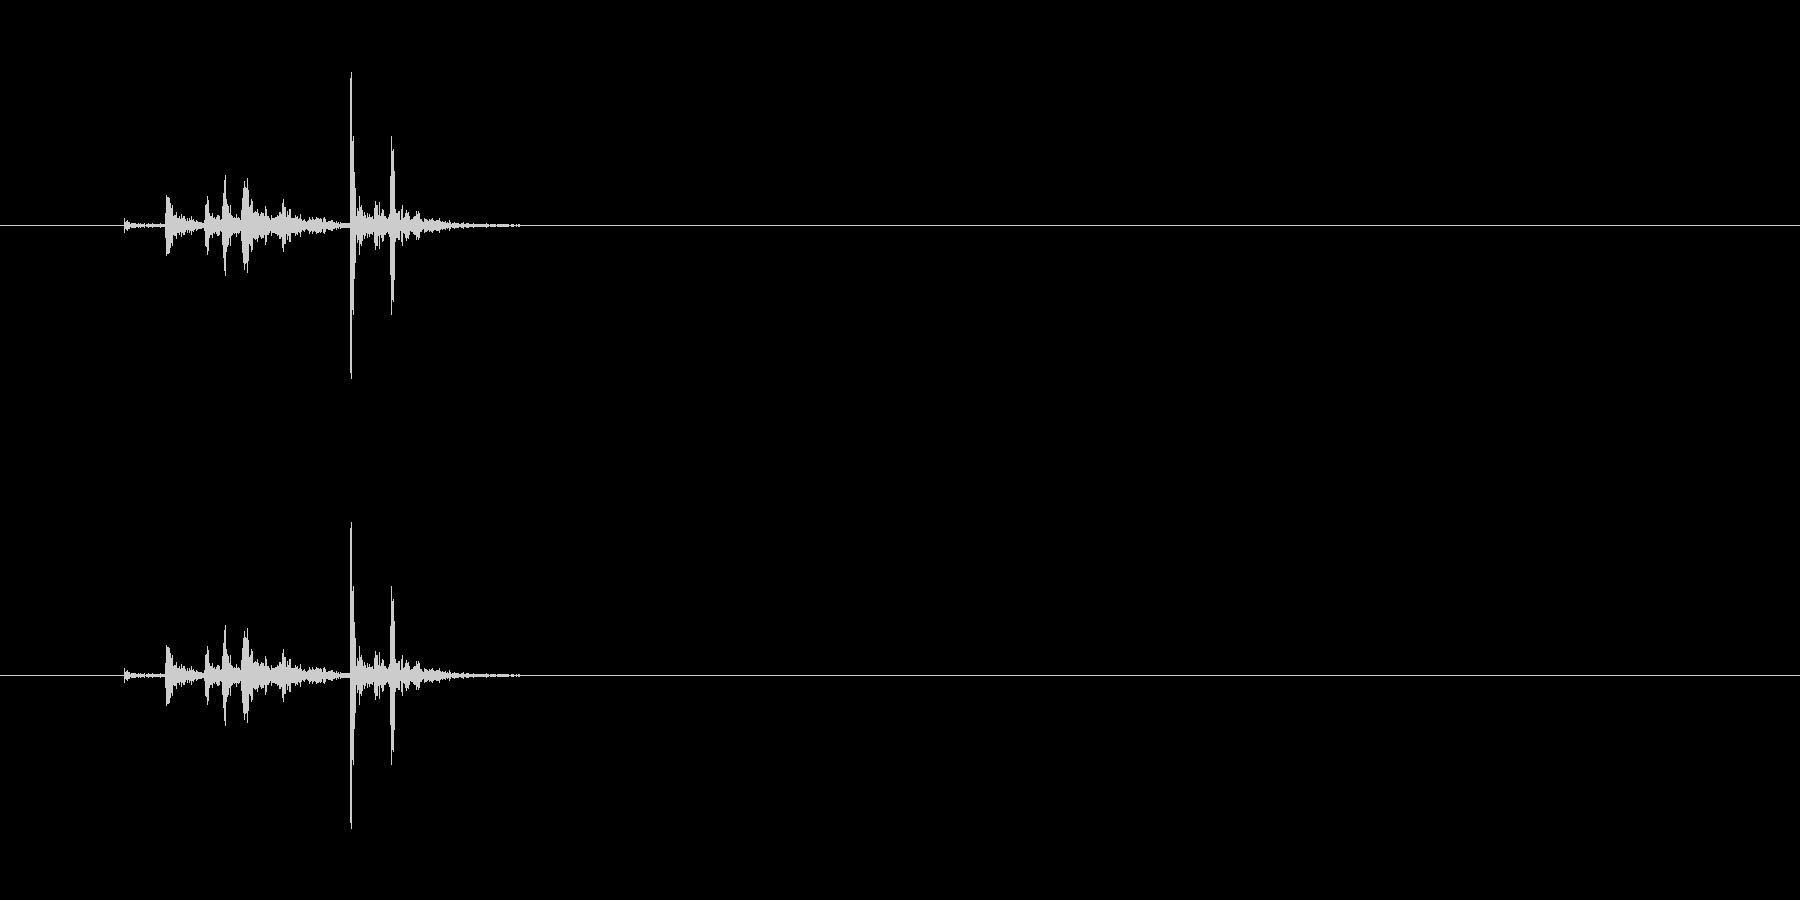 【ペン立て01-1(入れる)】の未再生の波形